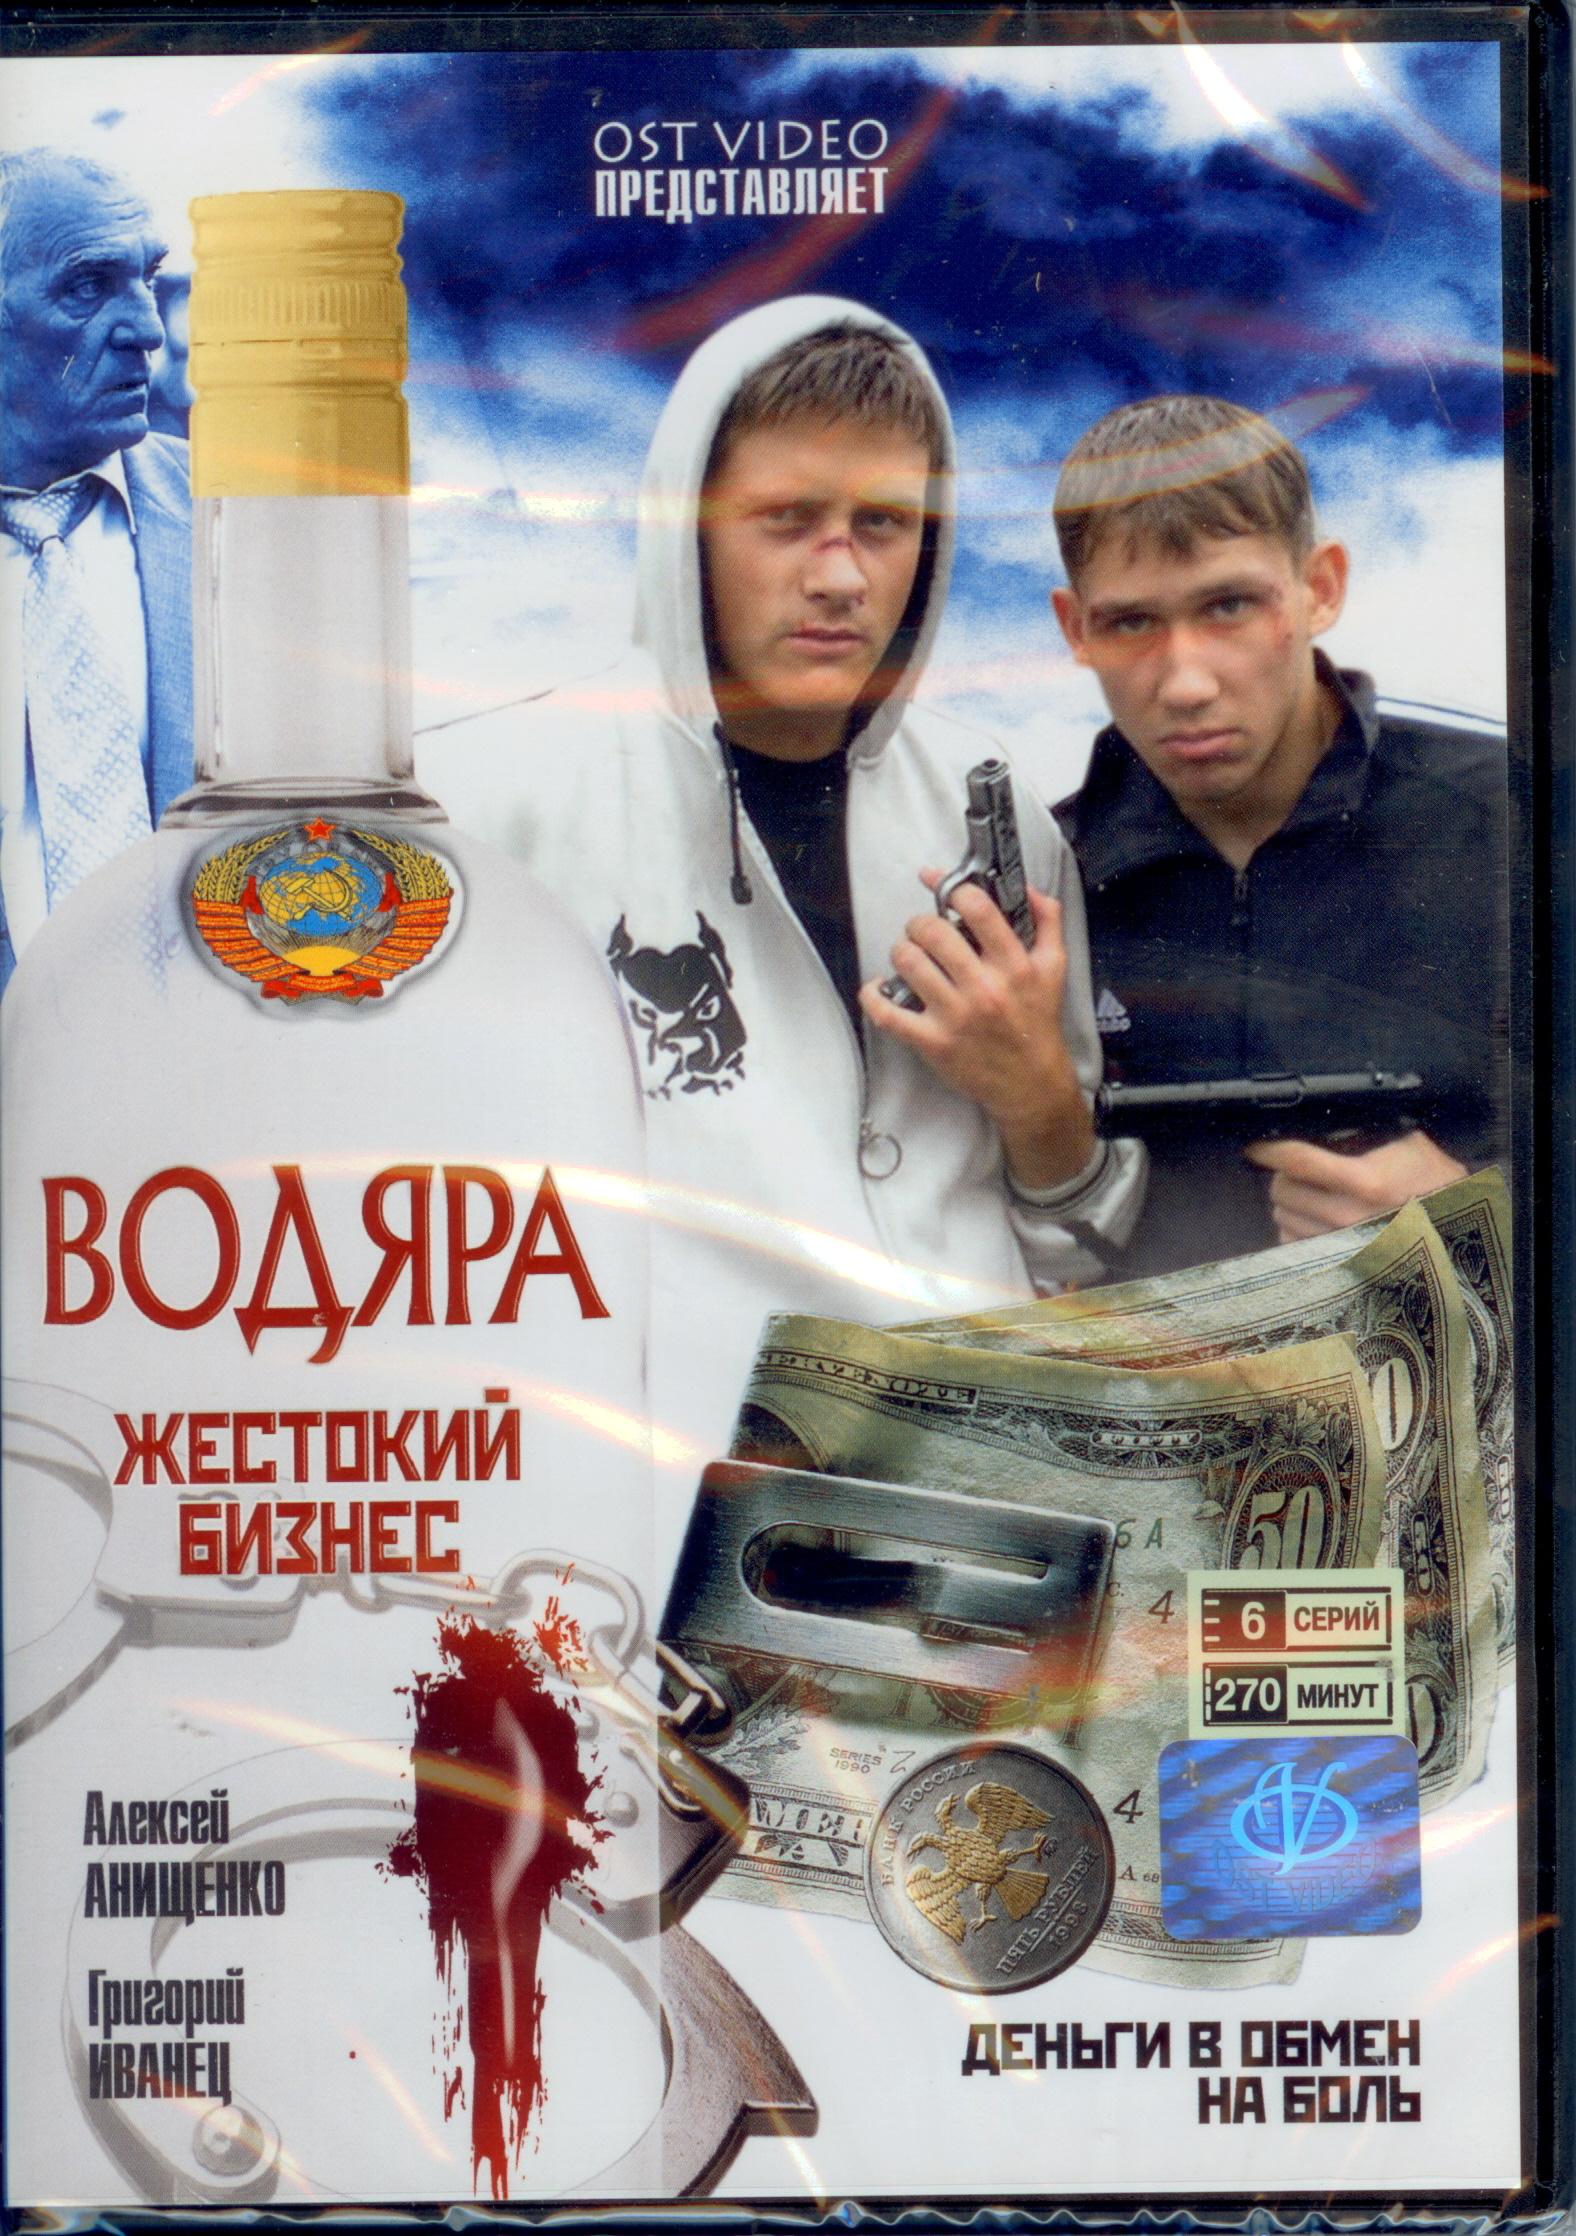 Русские фильмы в германии auditor gmbh